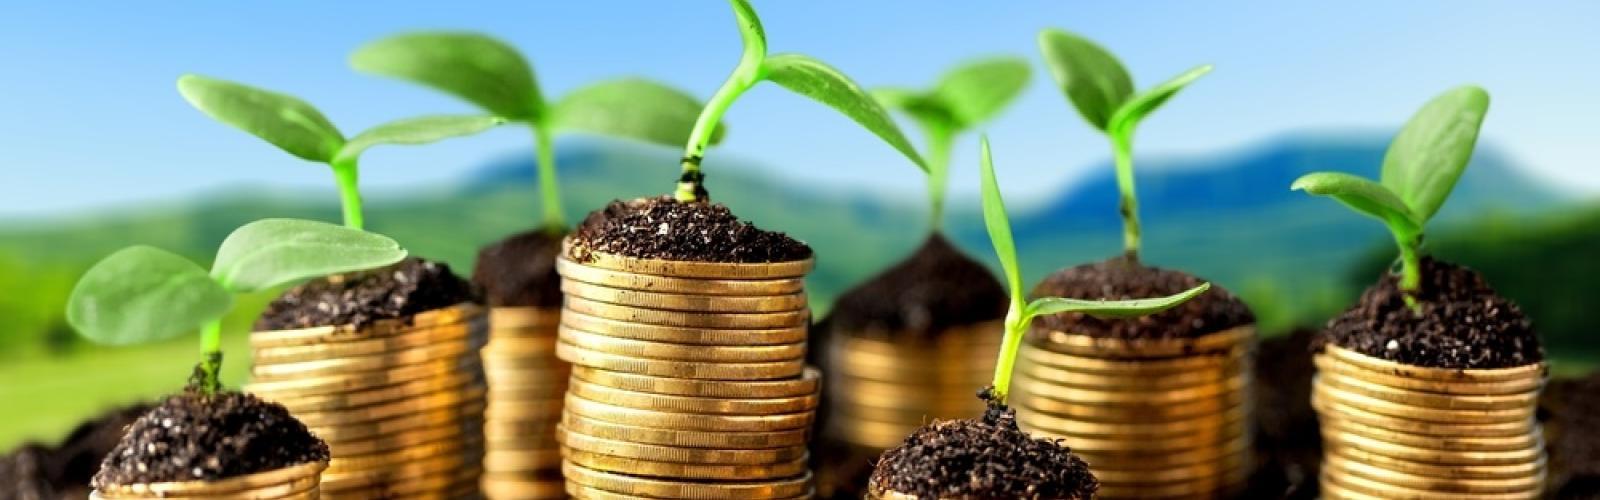 shutterstock_303871403-groene-groei